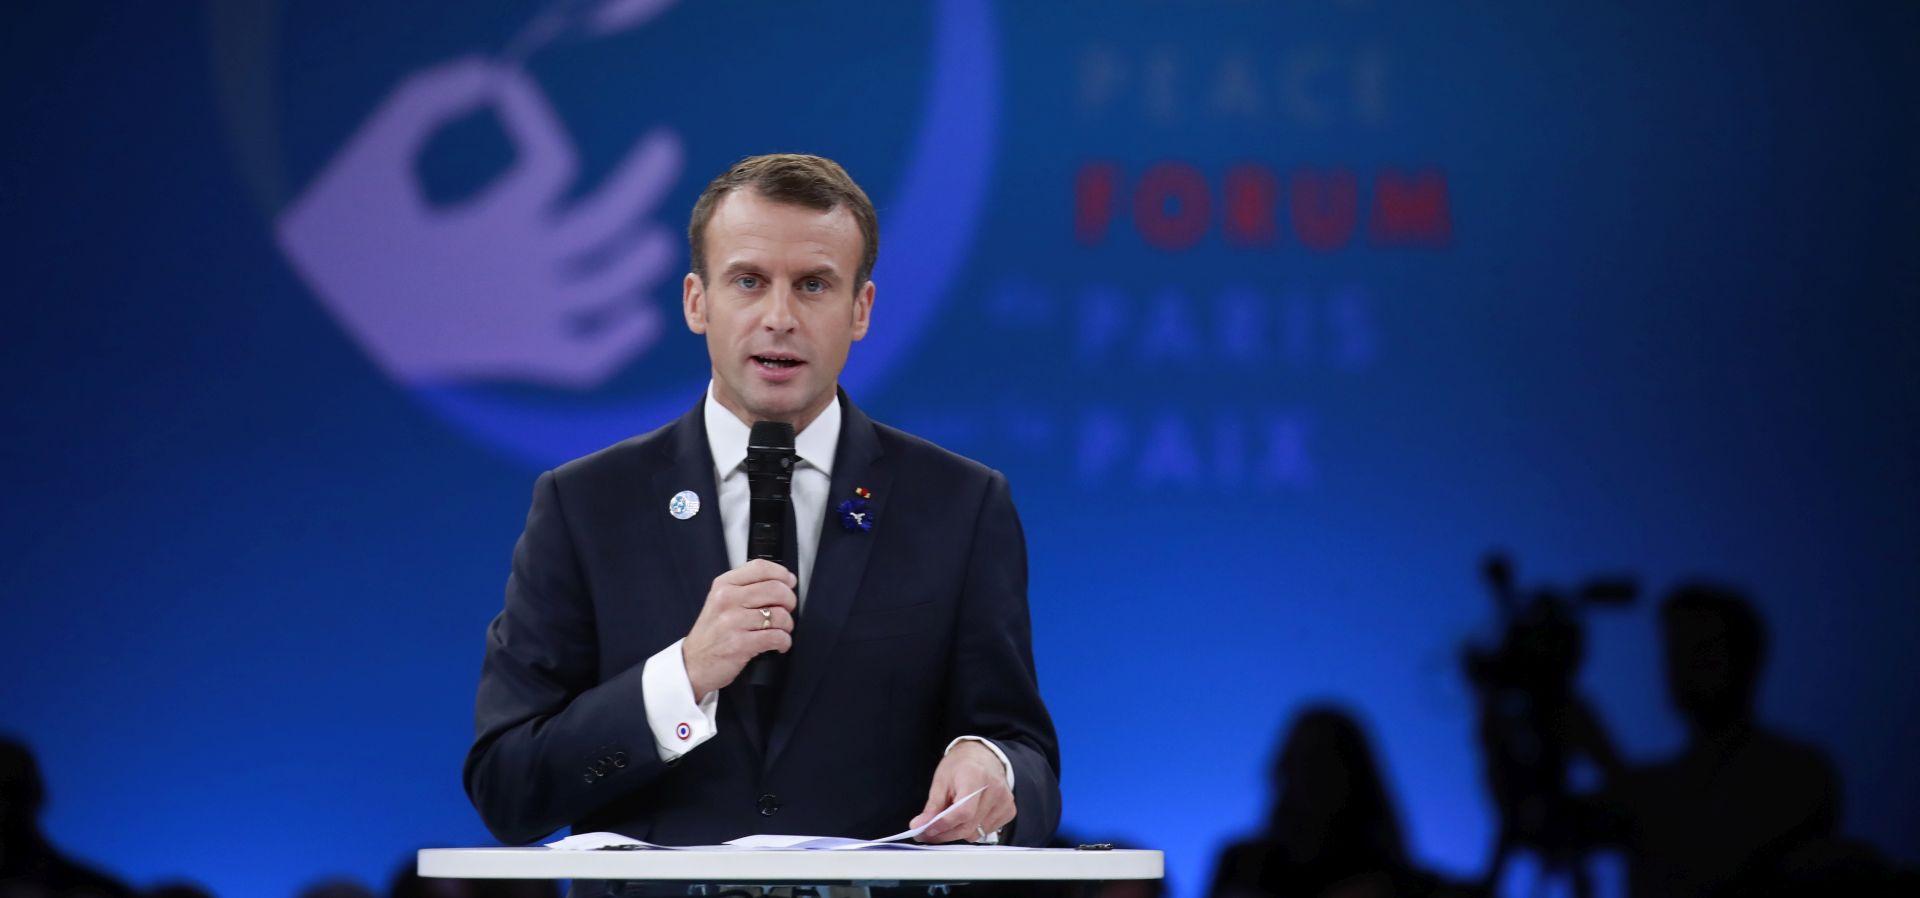 Macron sve nepopularniji, potpora samo 25 posto